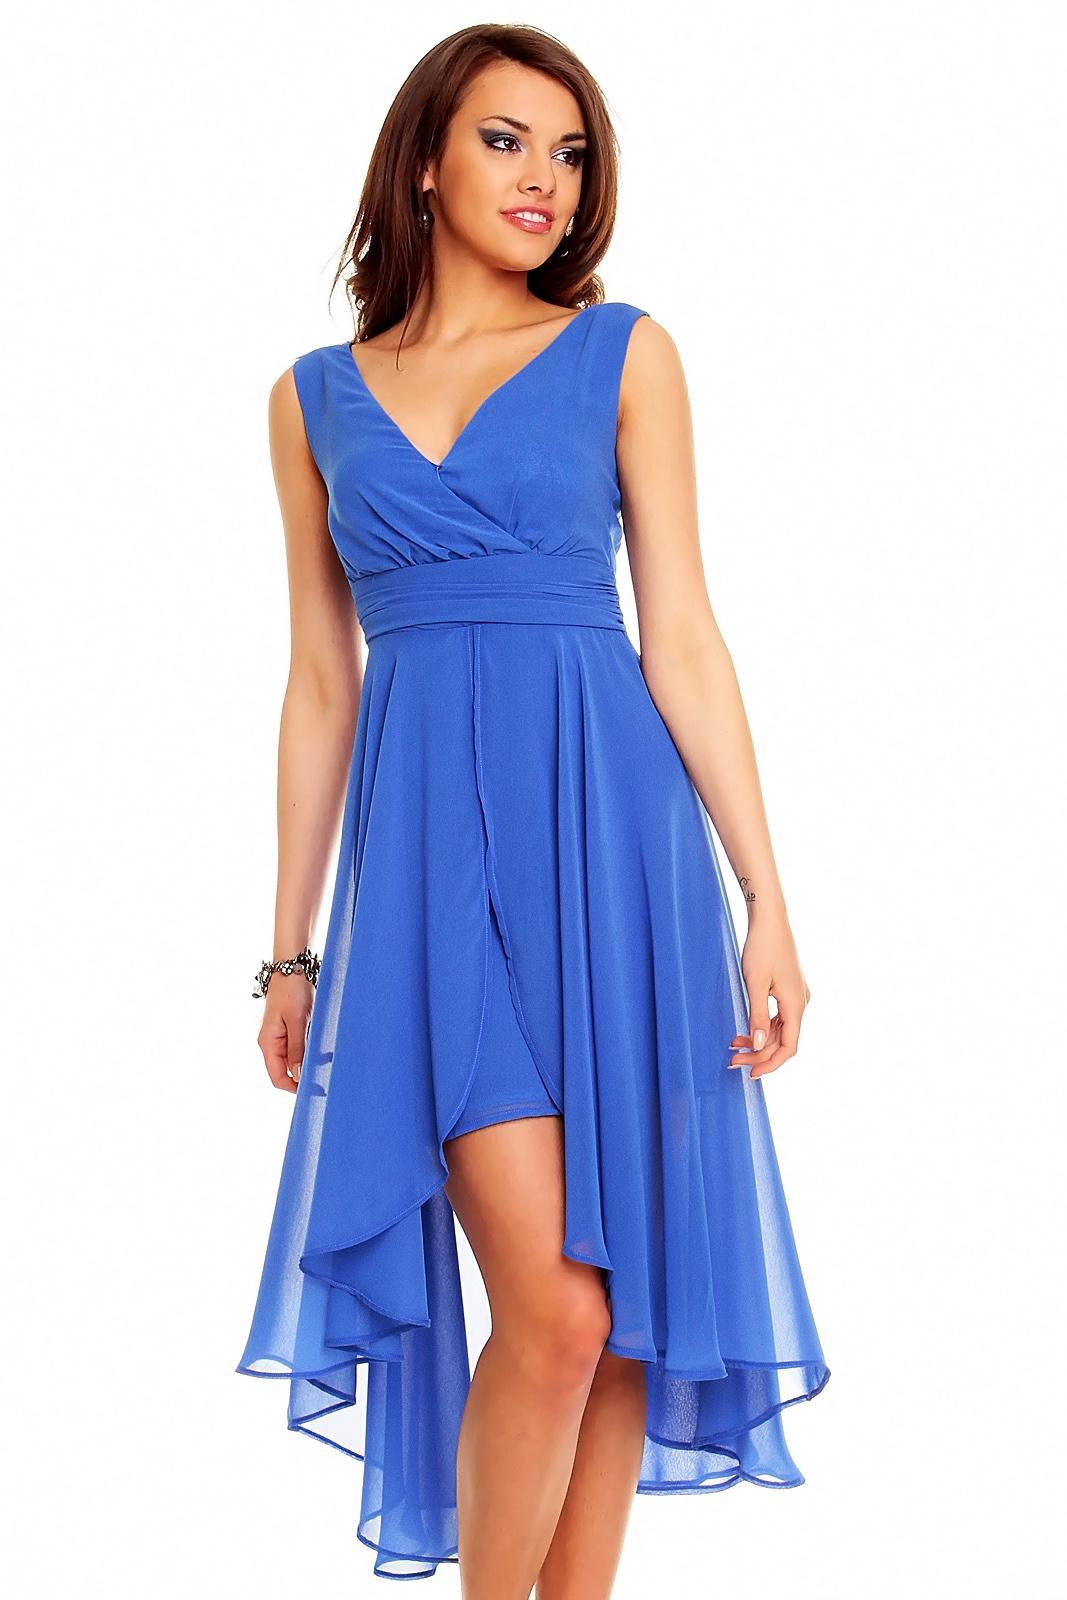 Sinnemaxx online shop f r young fashion style g nstige for Kleider vorne kurz hinten lang zalando